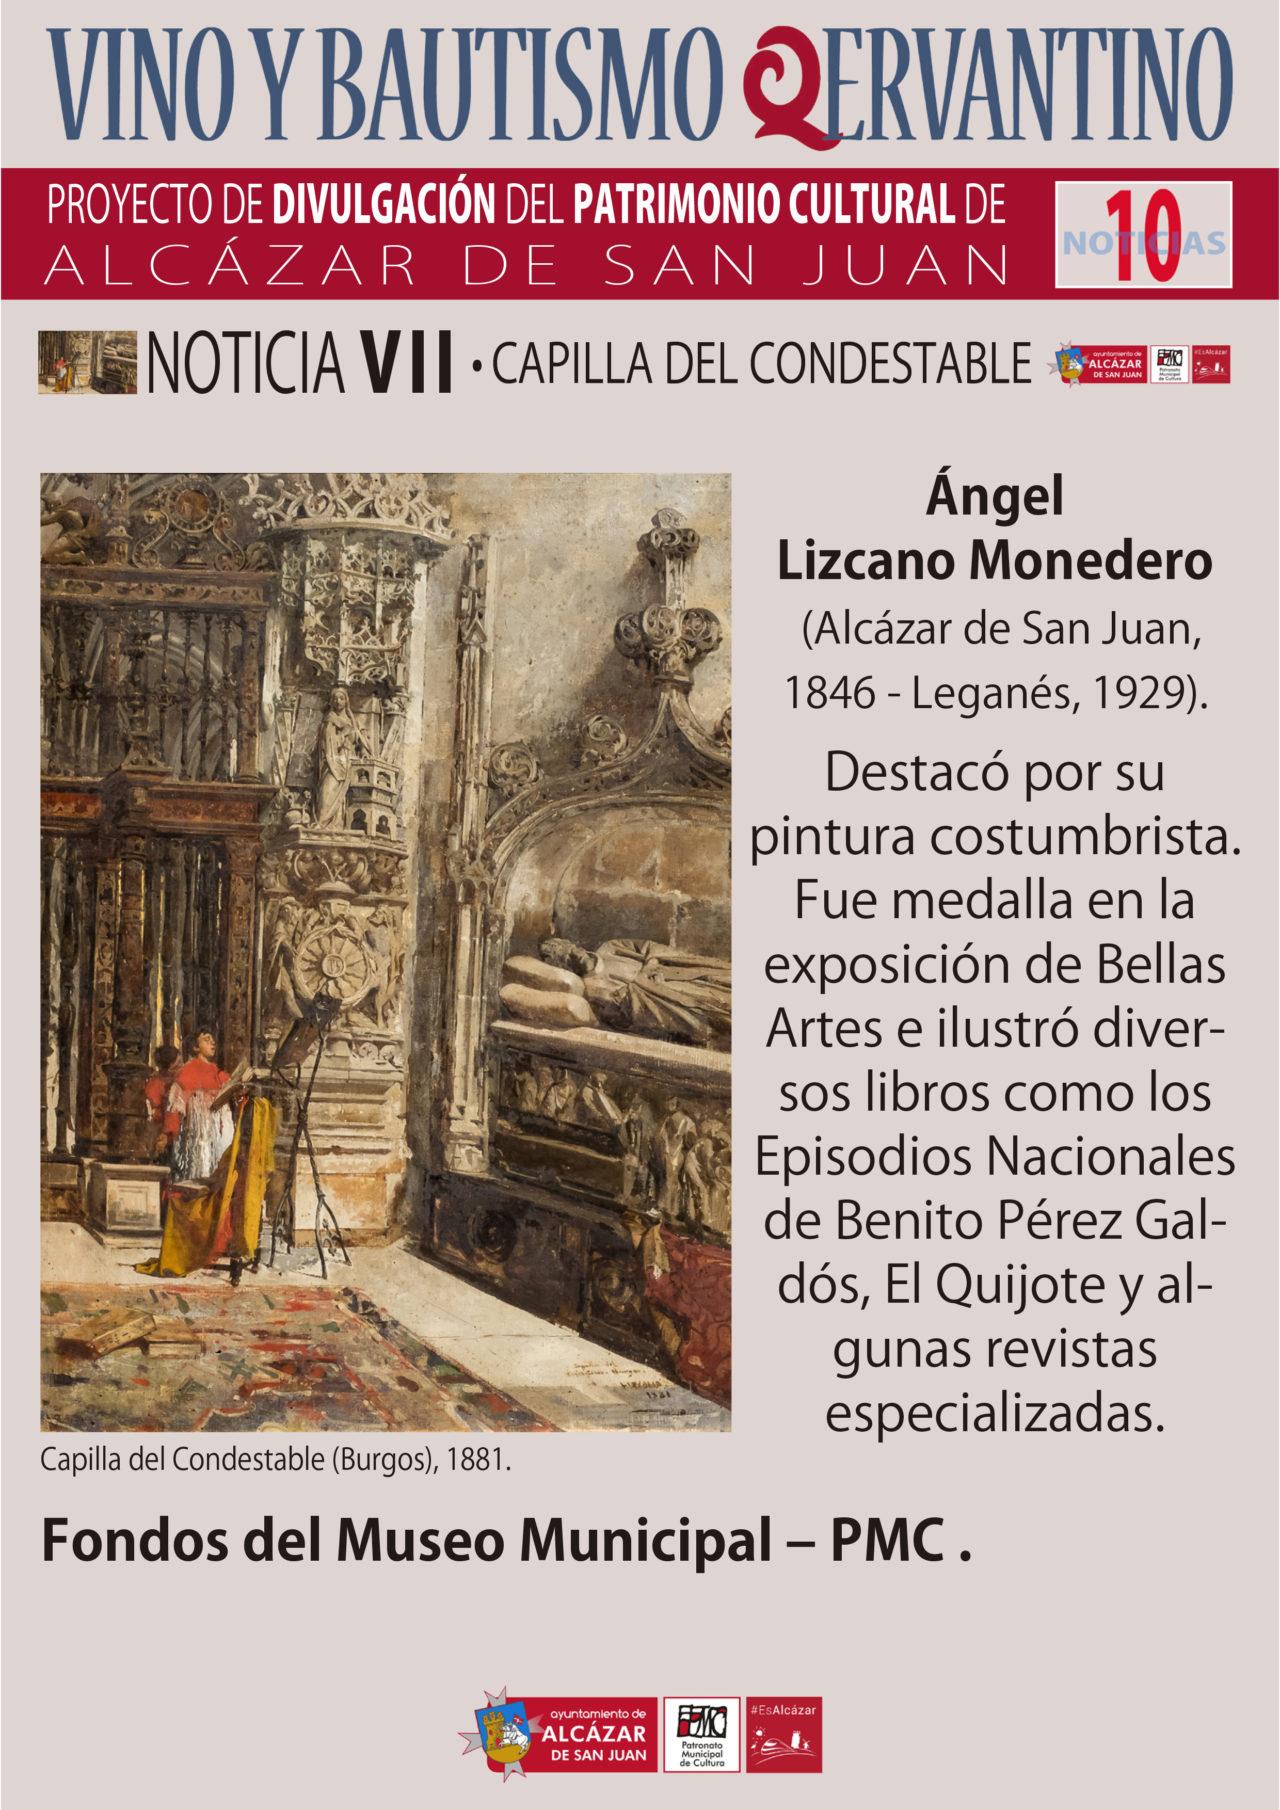 Obra del pintor Ángel Lizcano Monedero y fotografía noticia VII